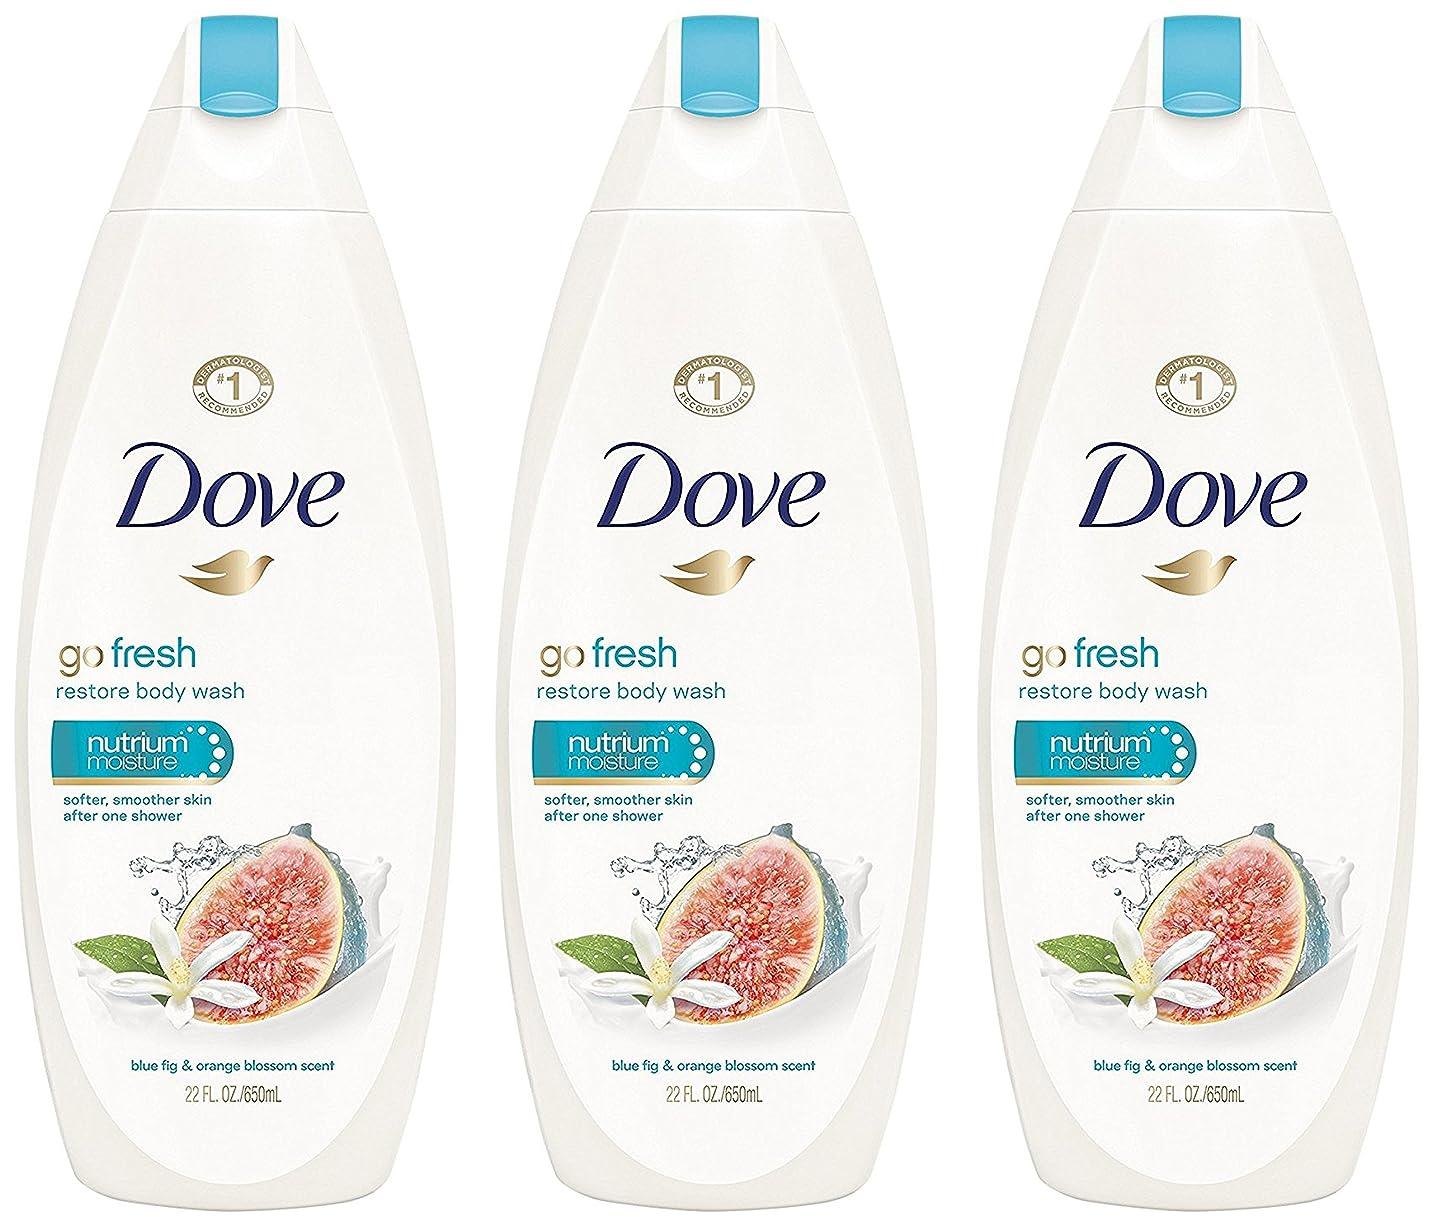 ジュニア寝る手首Dove ボディウォッシュ - 復元 - - 当期純重量 - ブルー図&オレンジブロッサム香りでフレッシュます。ボトルパー22液量オンス(650 ml)を - 3本のボトルのパック